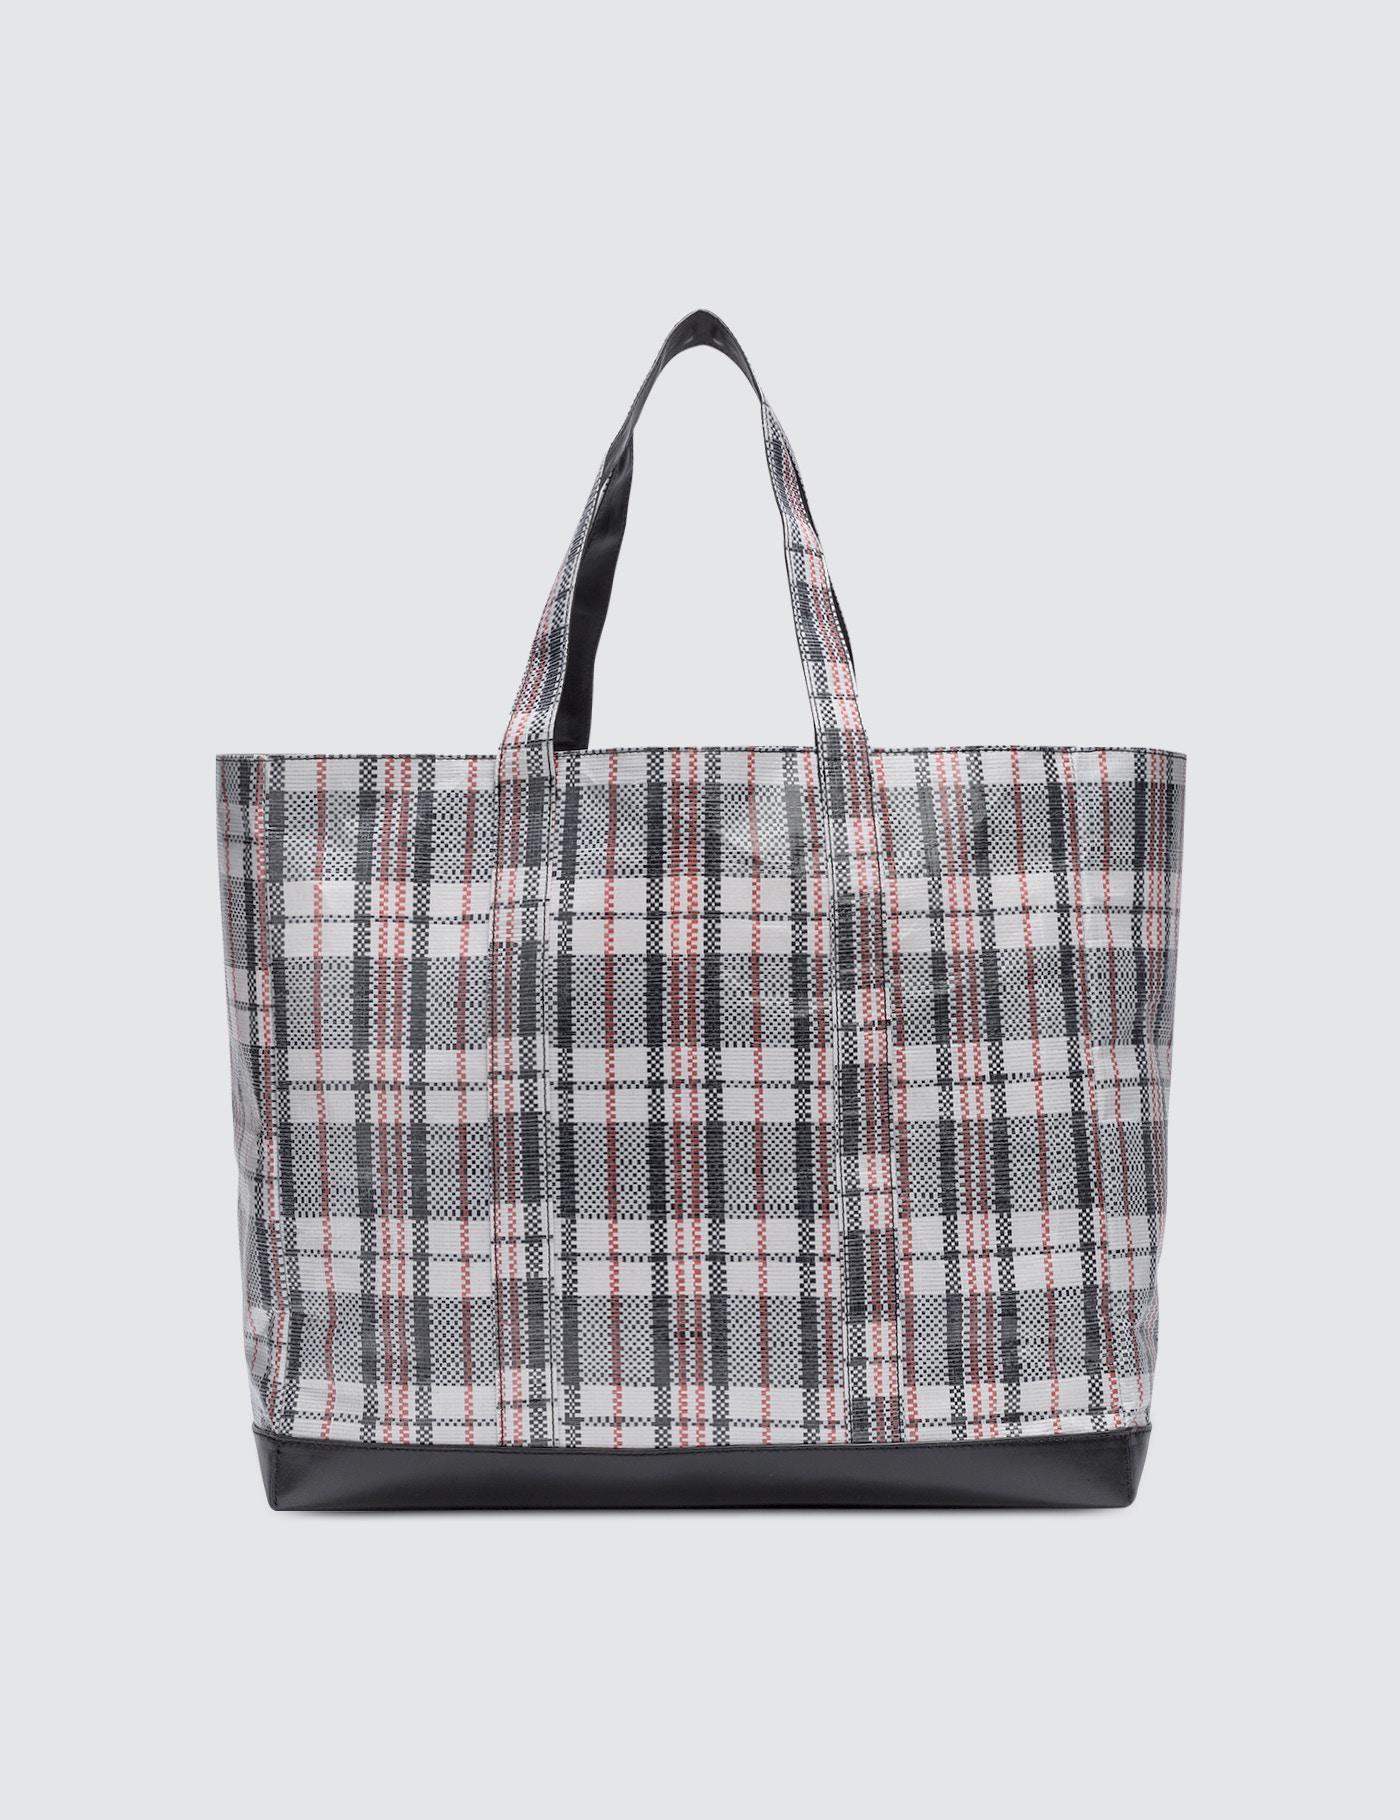 Helmut Lang Woven Plaid Shopping Bag y2zmHG